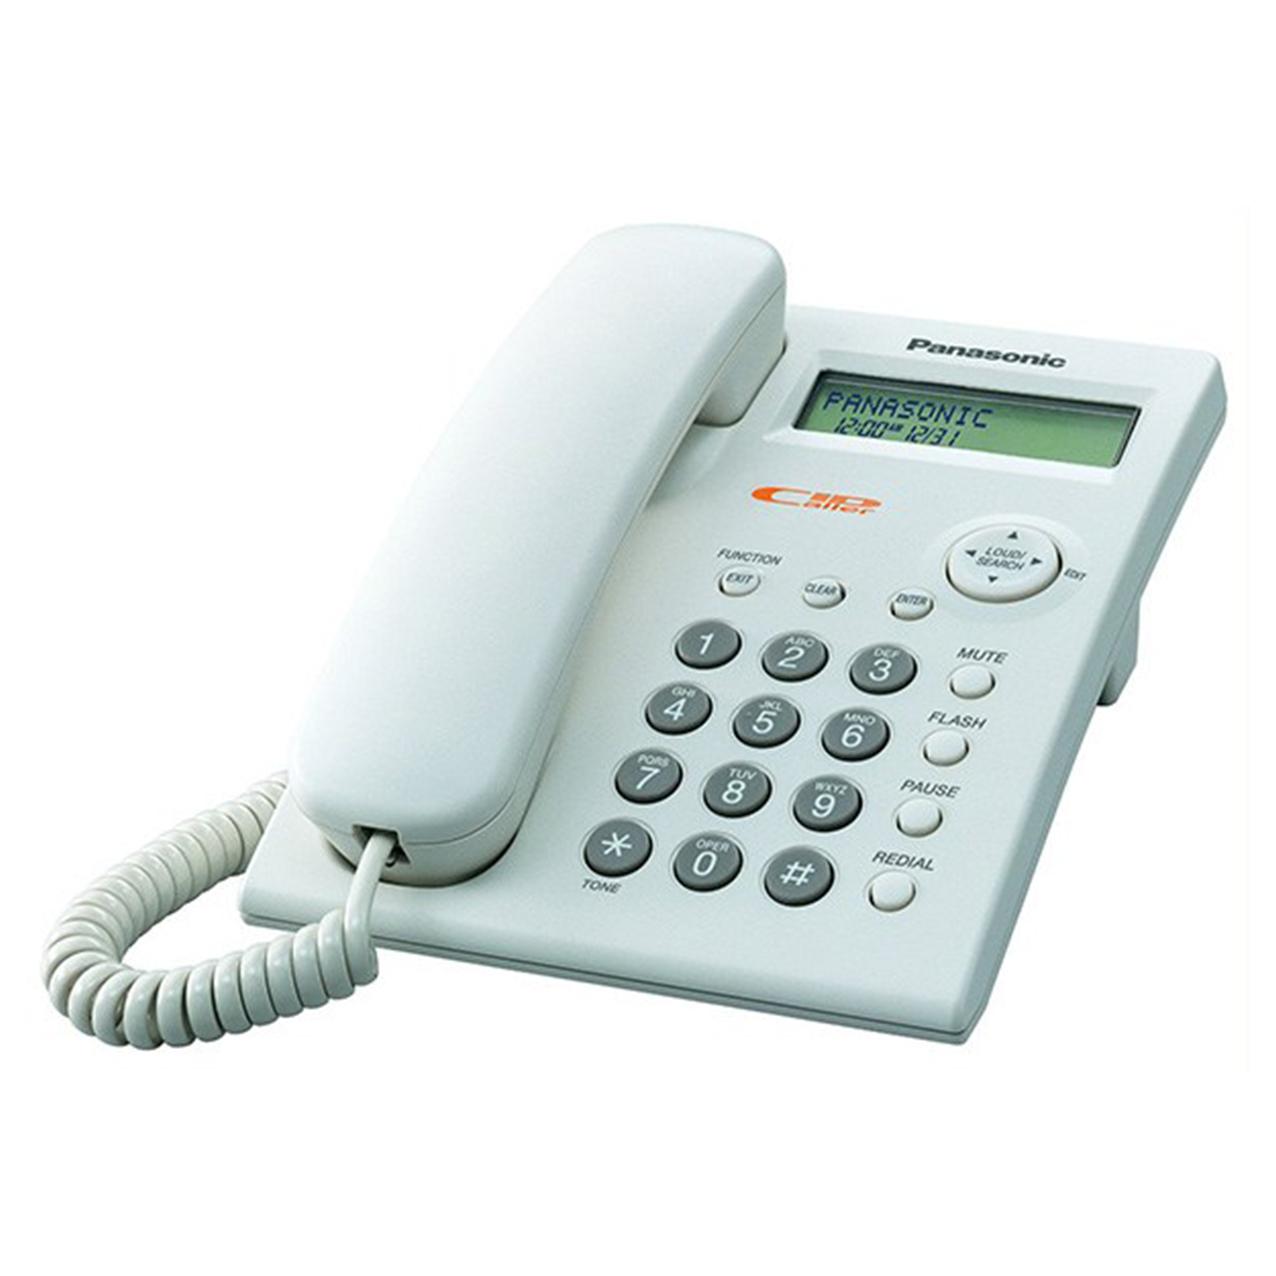 گوشی تلفن رومیزی پاناسونیک مدل Panasonic-KX-TSC11MX ساخت مالزی | سفید